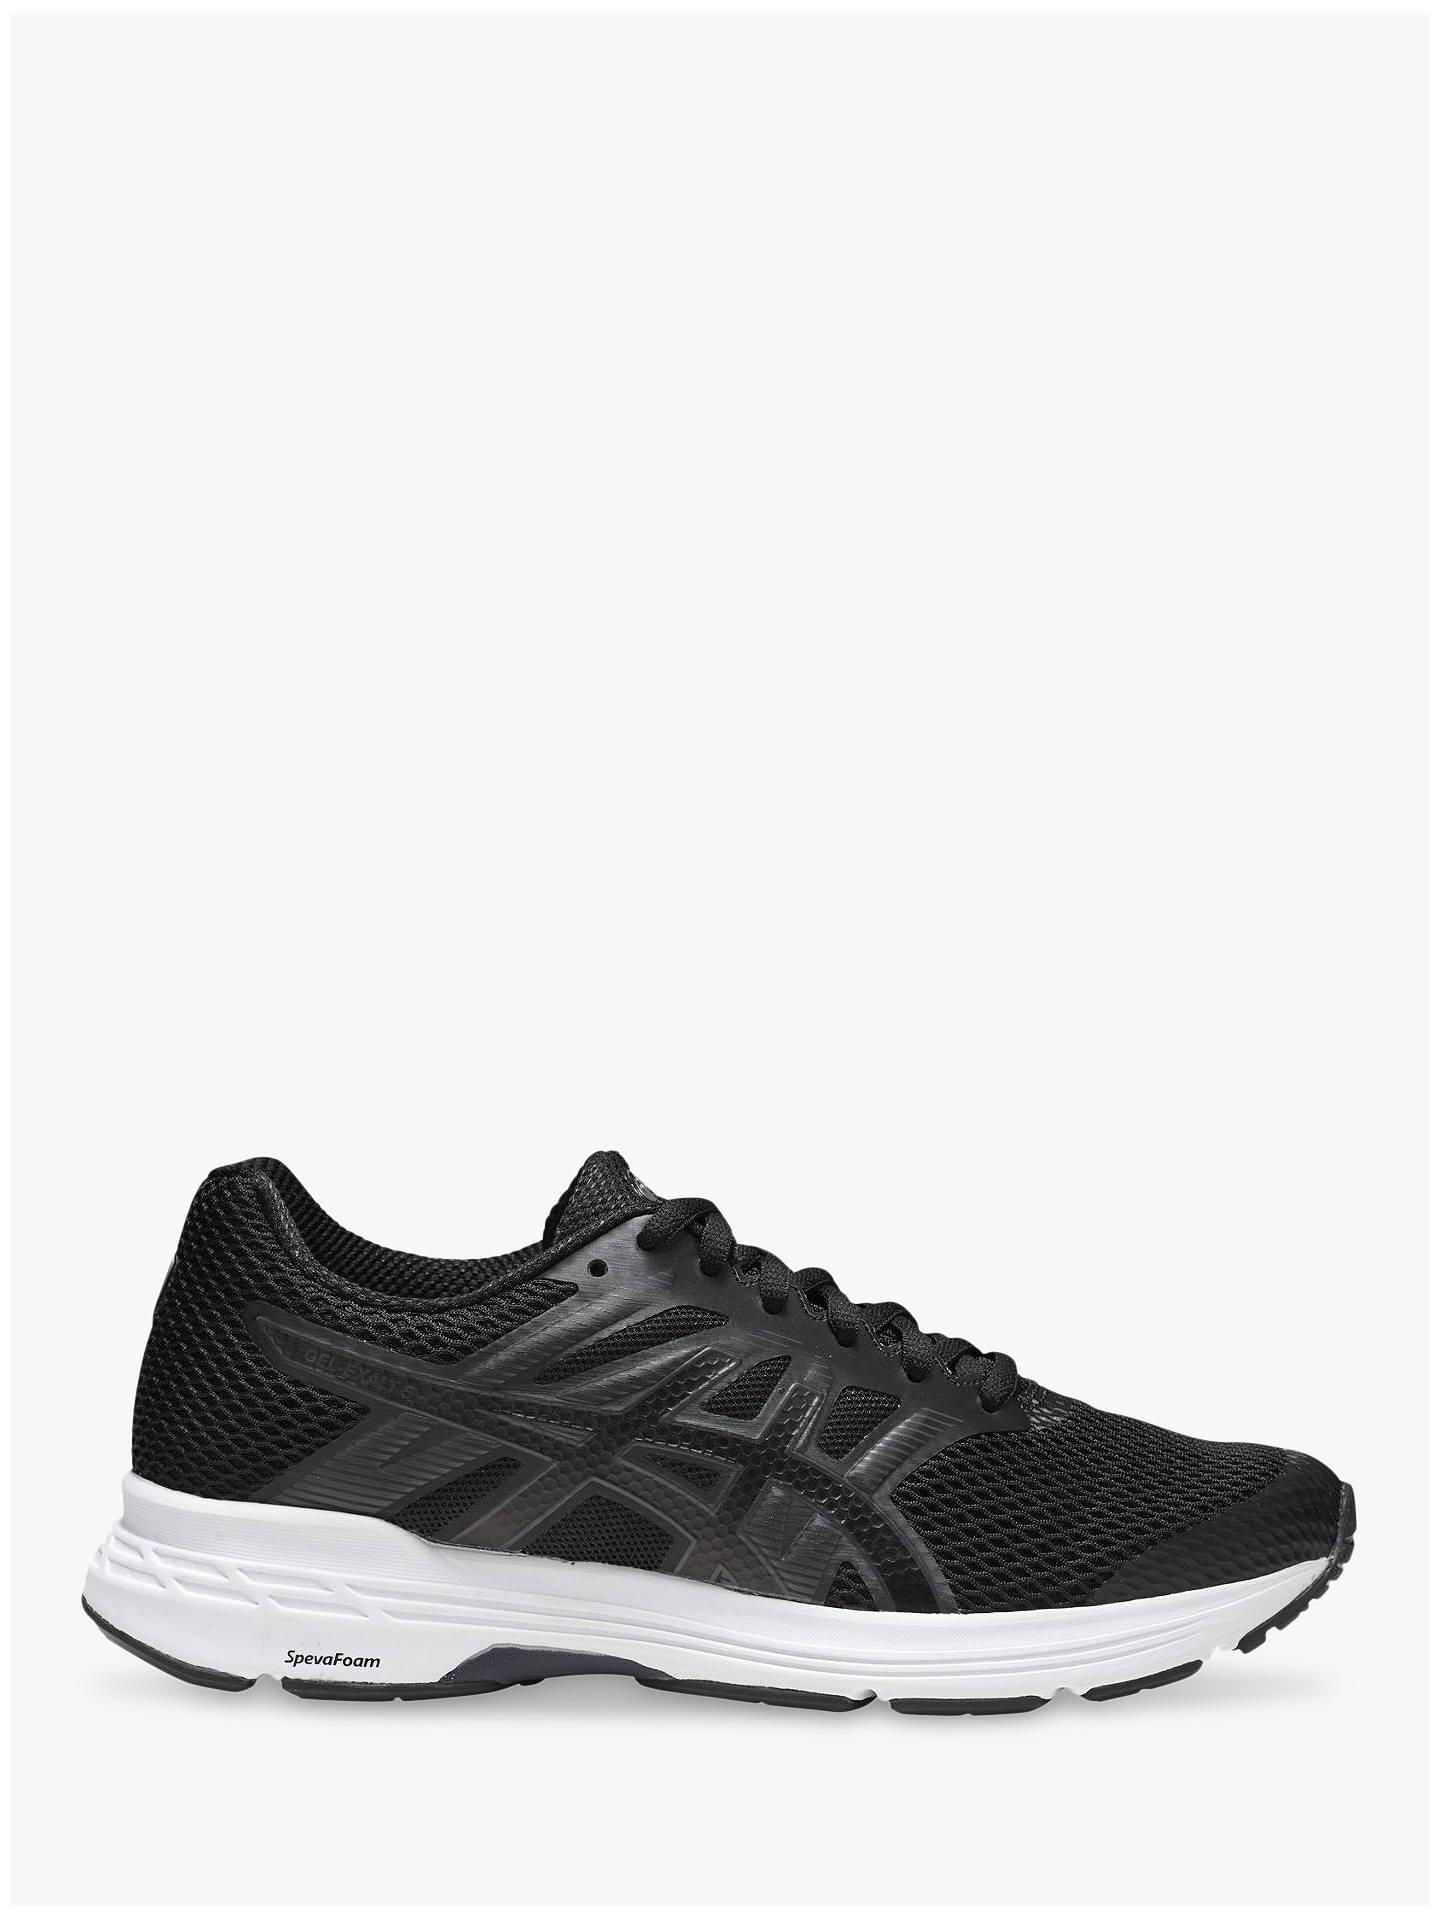 c73d71e4a9 ASICS GEL-EXALT 5 Women's Running Shoes, Black at John Lewis & Partners